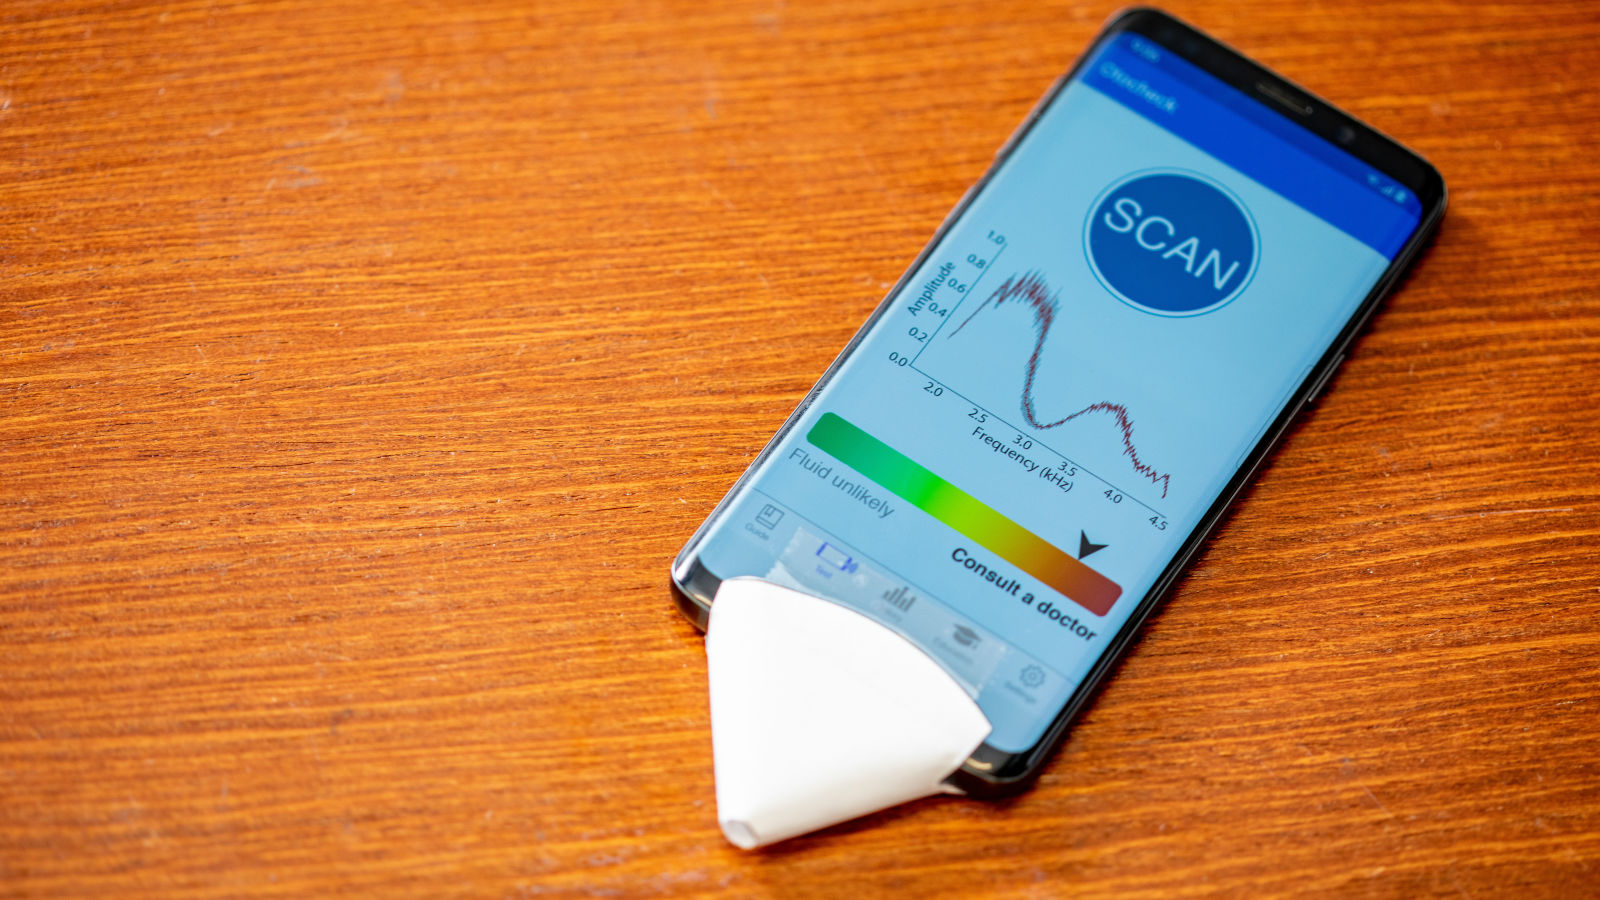 Des chercheurs développent une app iPhone pour détecter les symptômes d'une otite, avec un simple papier 1